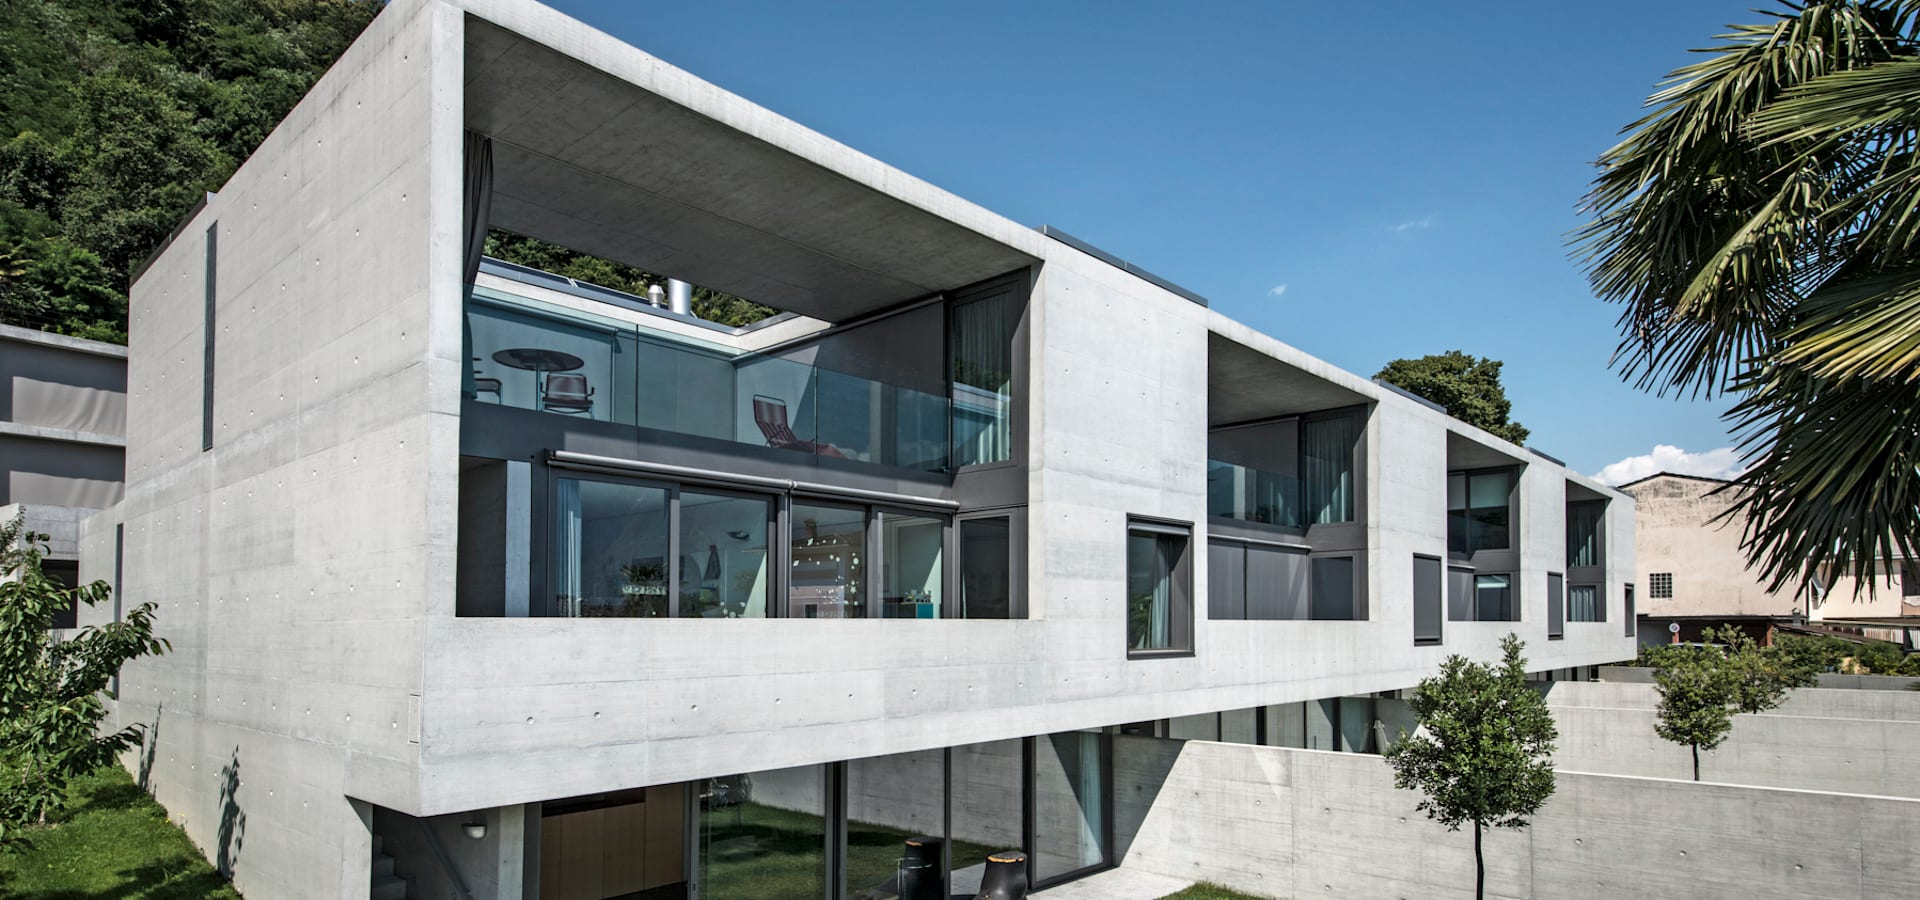 Case alle vigne di michele arnaboldi architetti sagl homify for Case di architetti